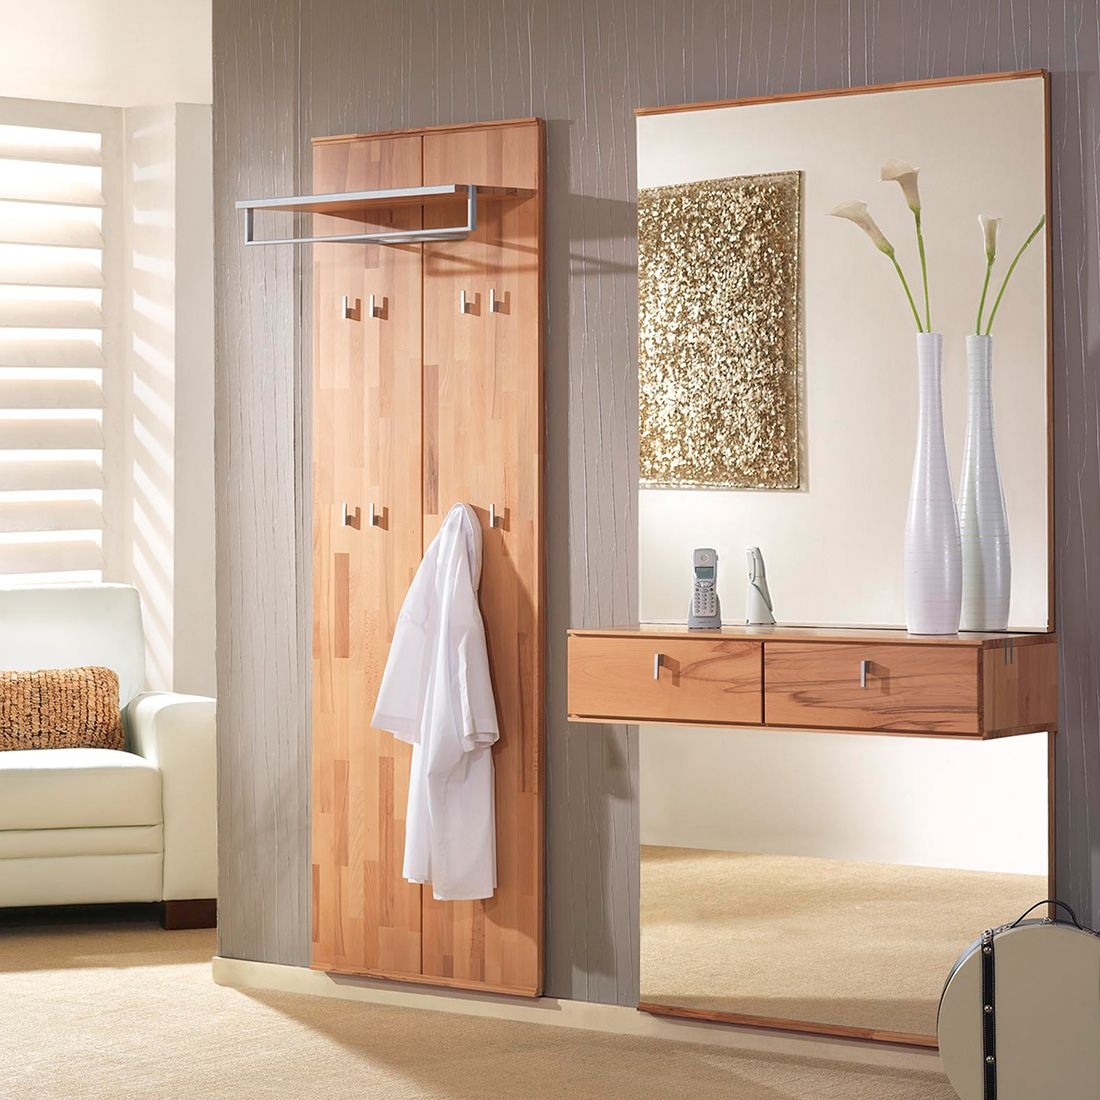 garderobenset vado iv 2 teilig kernbuche massiv. Black Bedroom Furniture Sets. Home Design Ideas